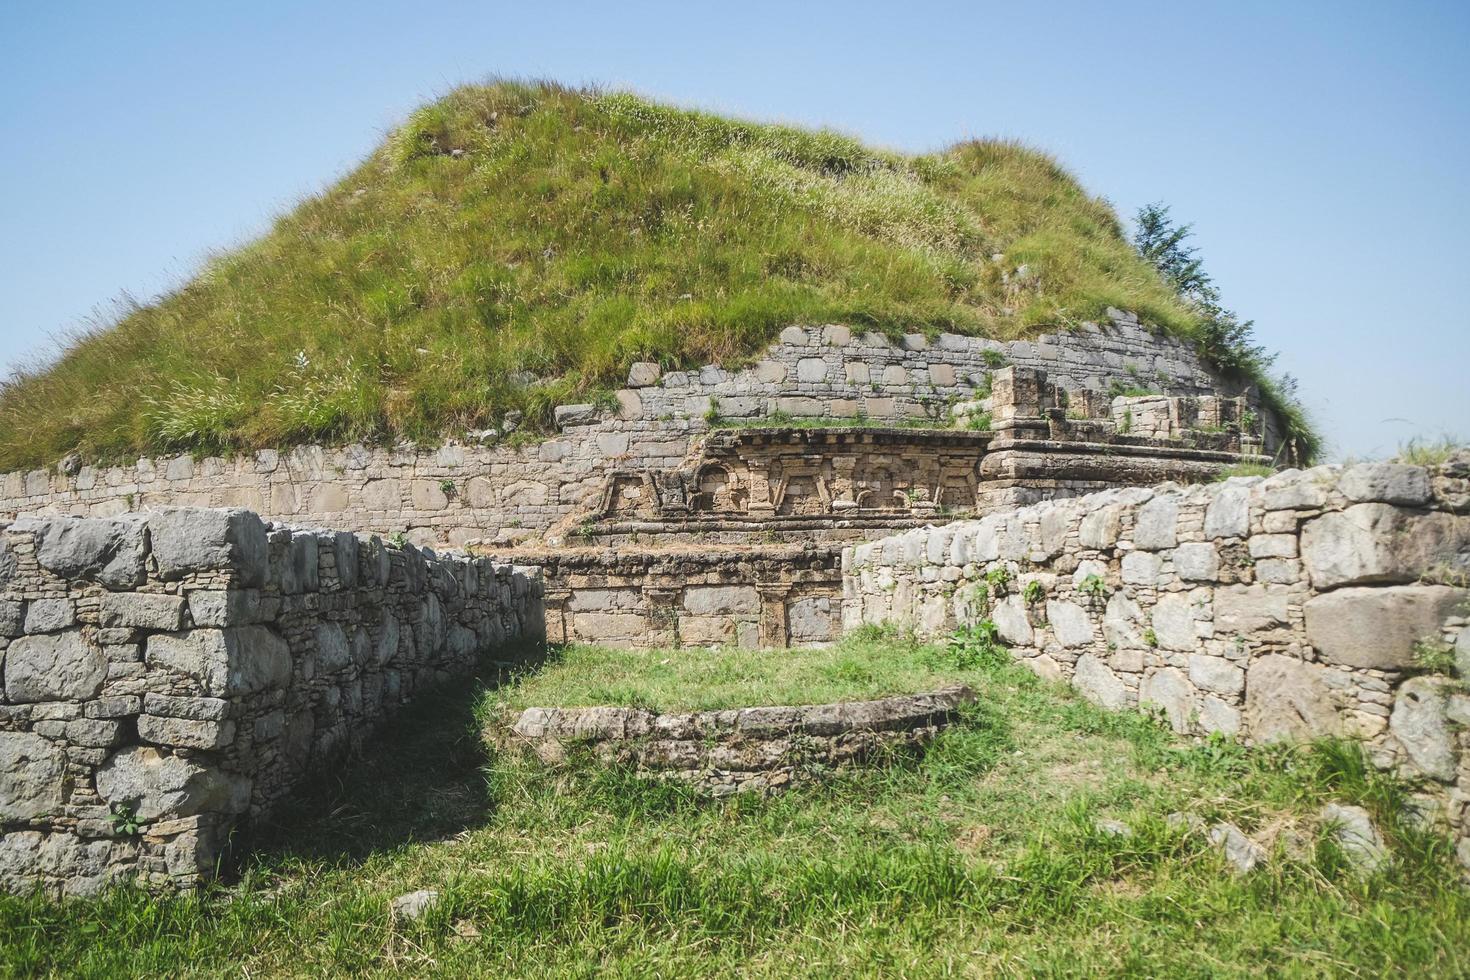 historische boeddhistische dharmarajika-stoepa in pakistan foto